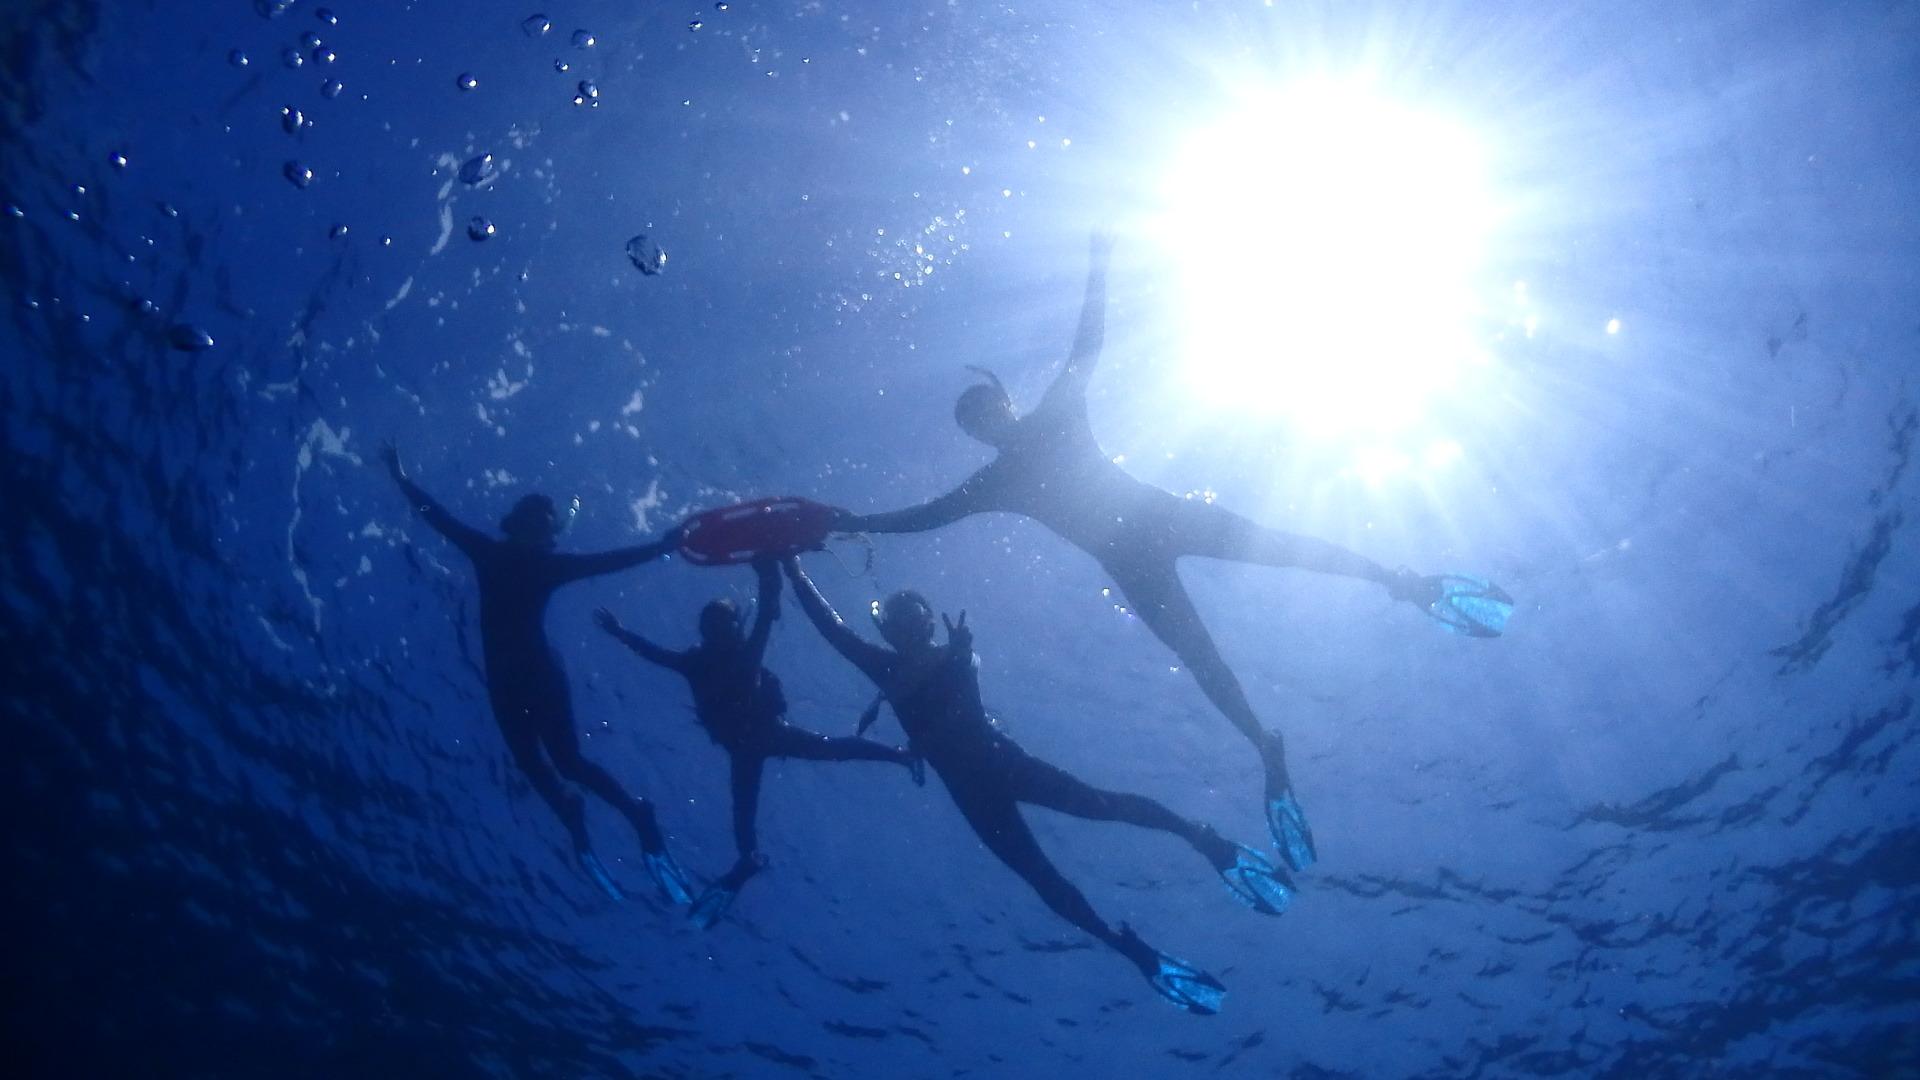 透明度が高く、とても楽しかったです。プールで撮った写真かと思うほどです。 ジンベイザメにタッチできたら5つ星だけど、それはまあ、ジンベイザメさんのためを思えば、仕方なし😅かな。